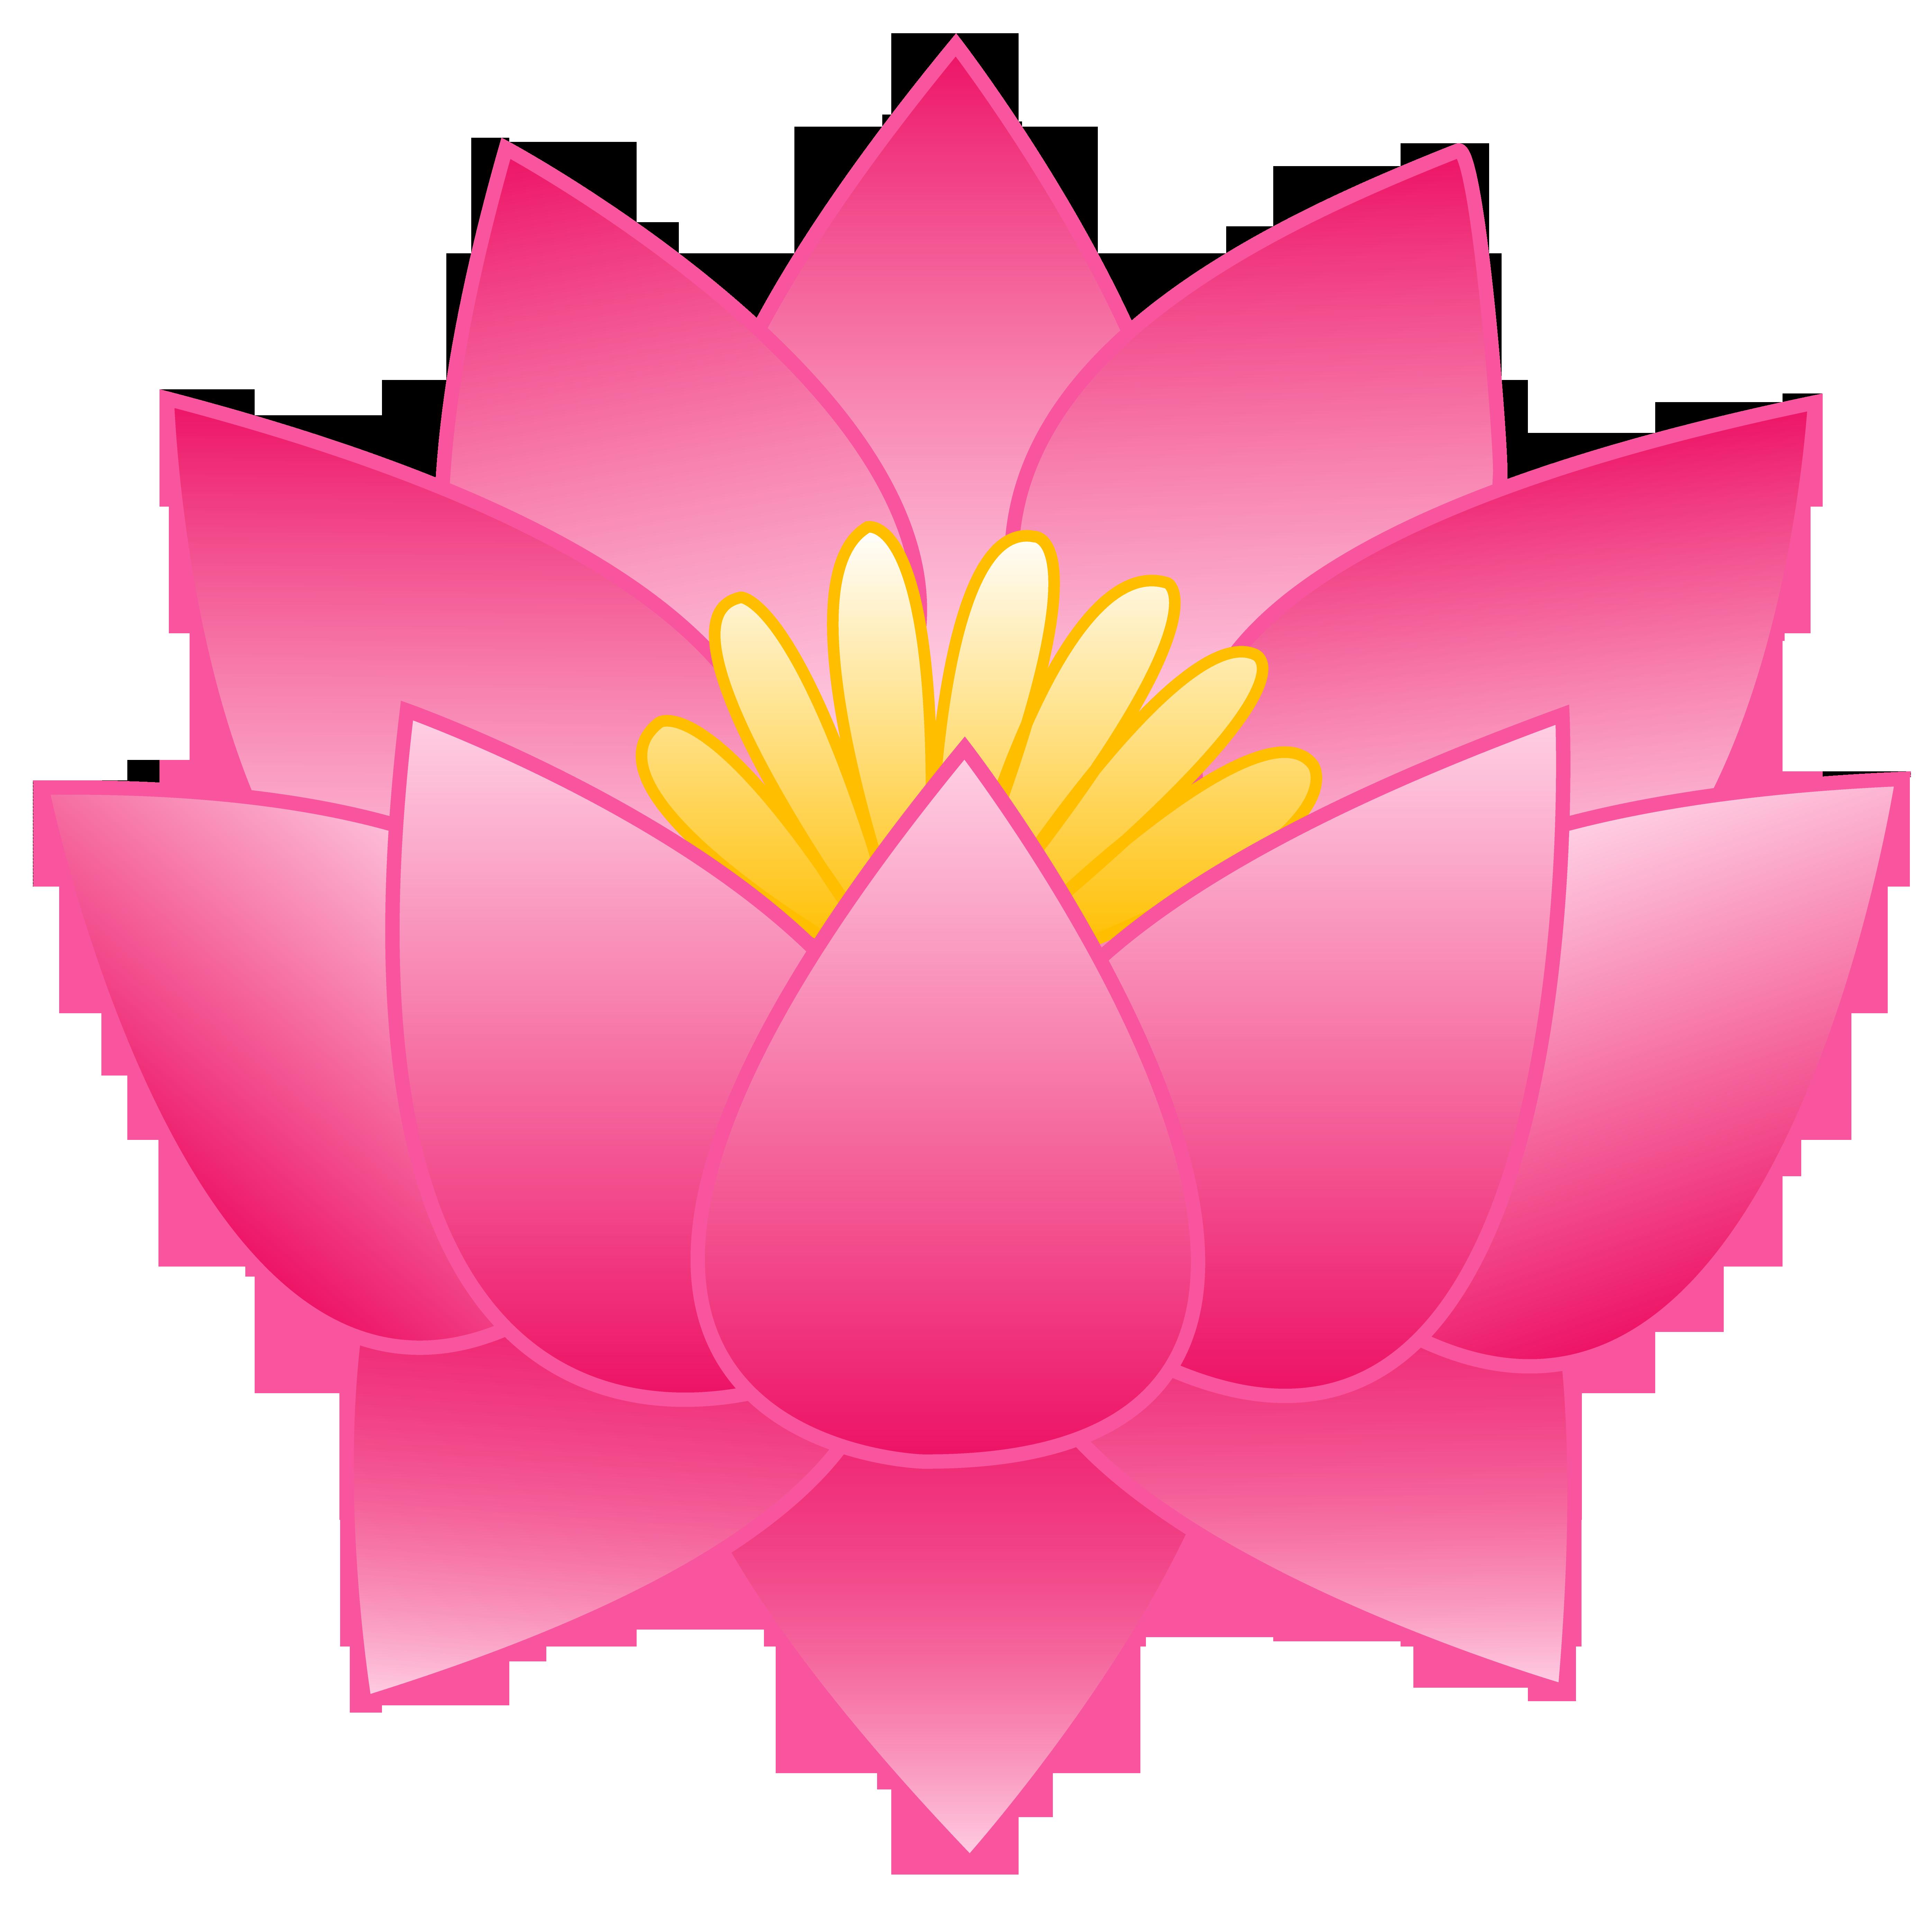 5584x5505 Pink Lotus Flower